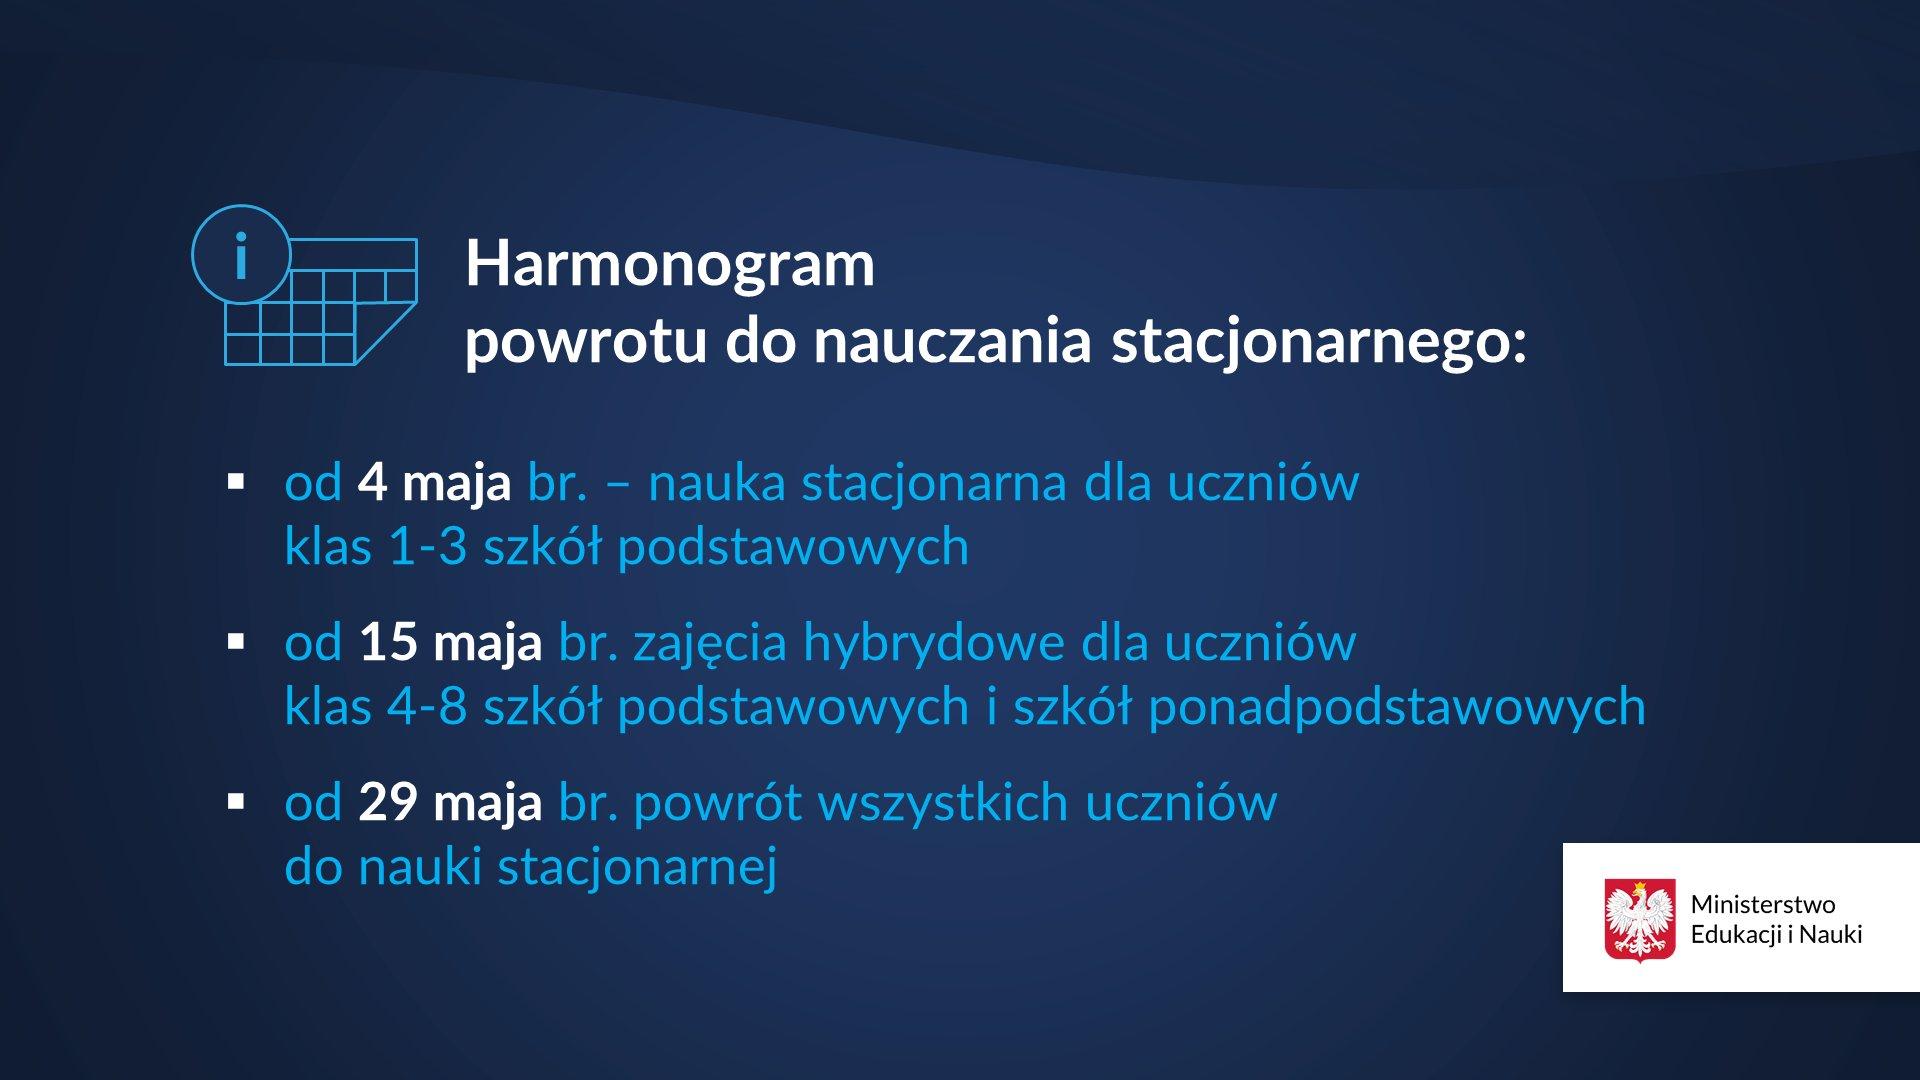 Kiedy wracamy do szkoły? Daty, harmonogram | 300Gospodarka.pl